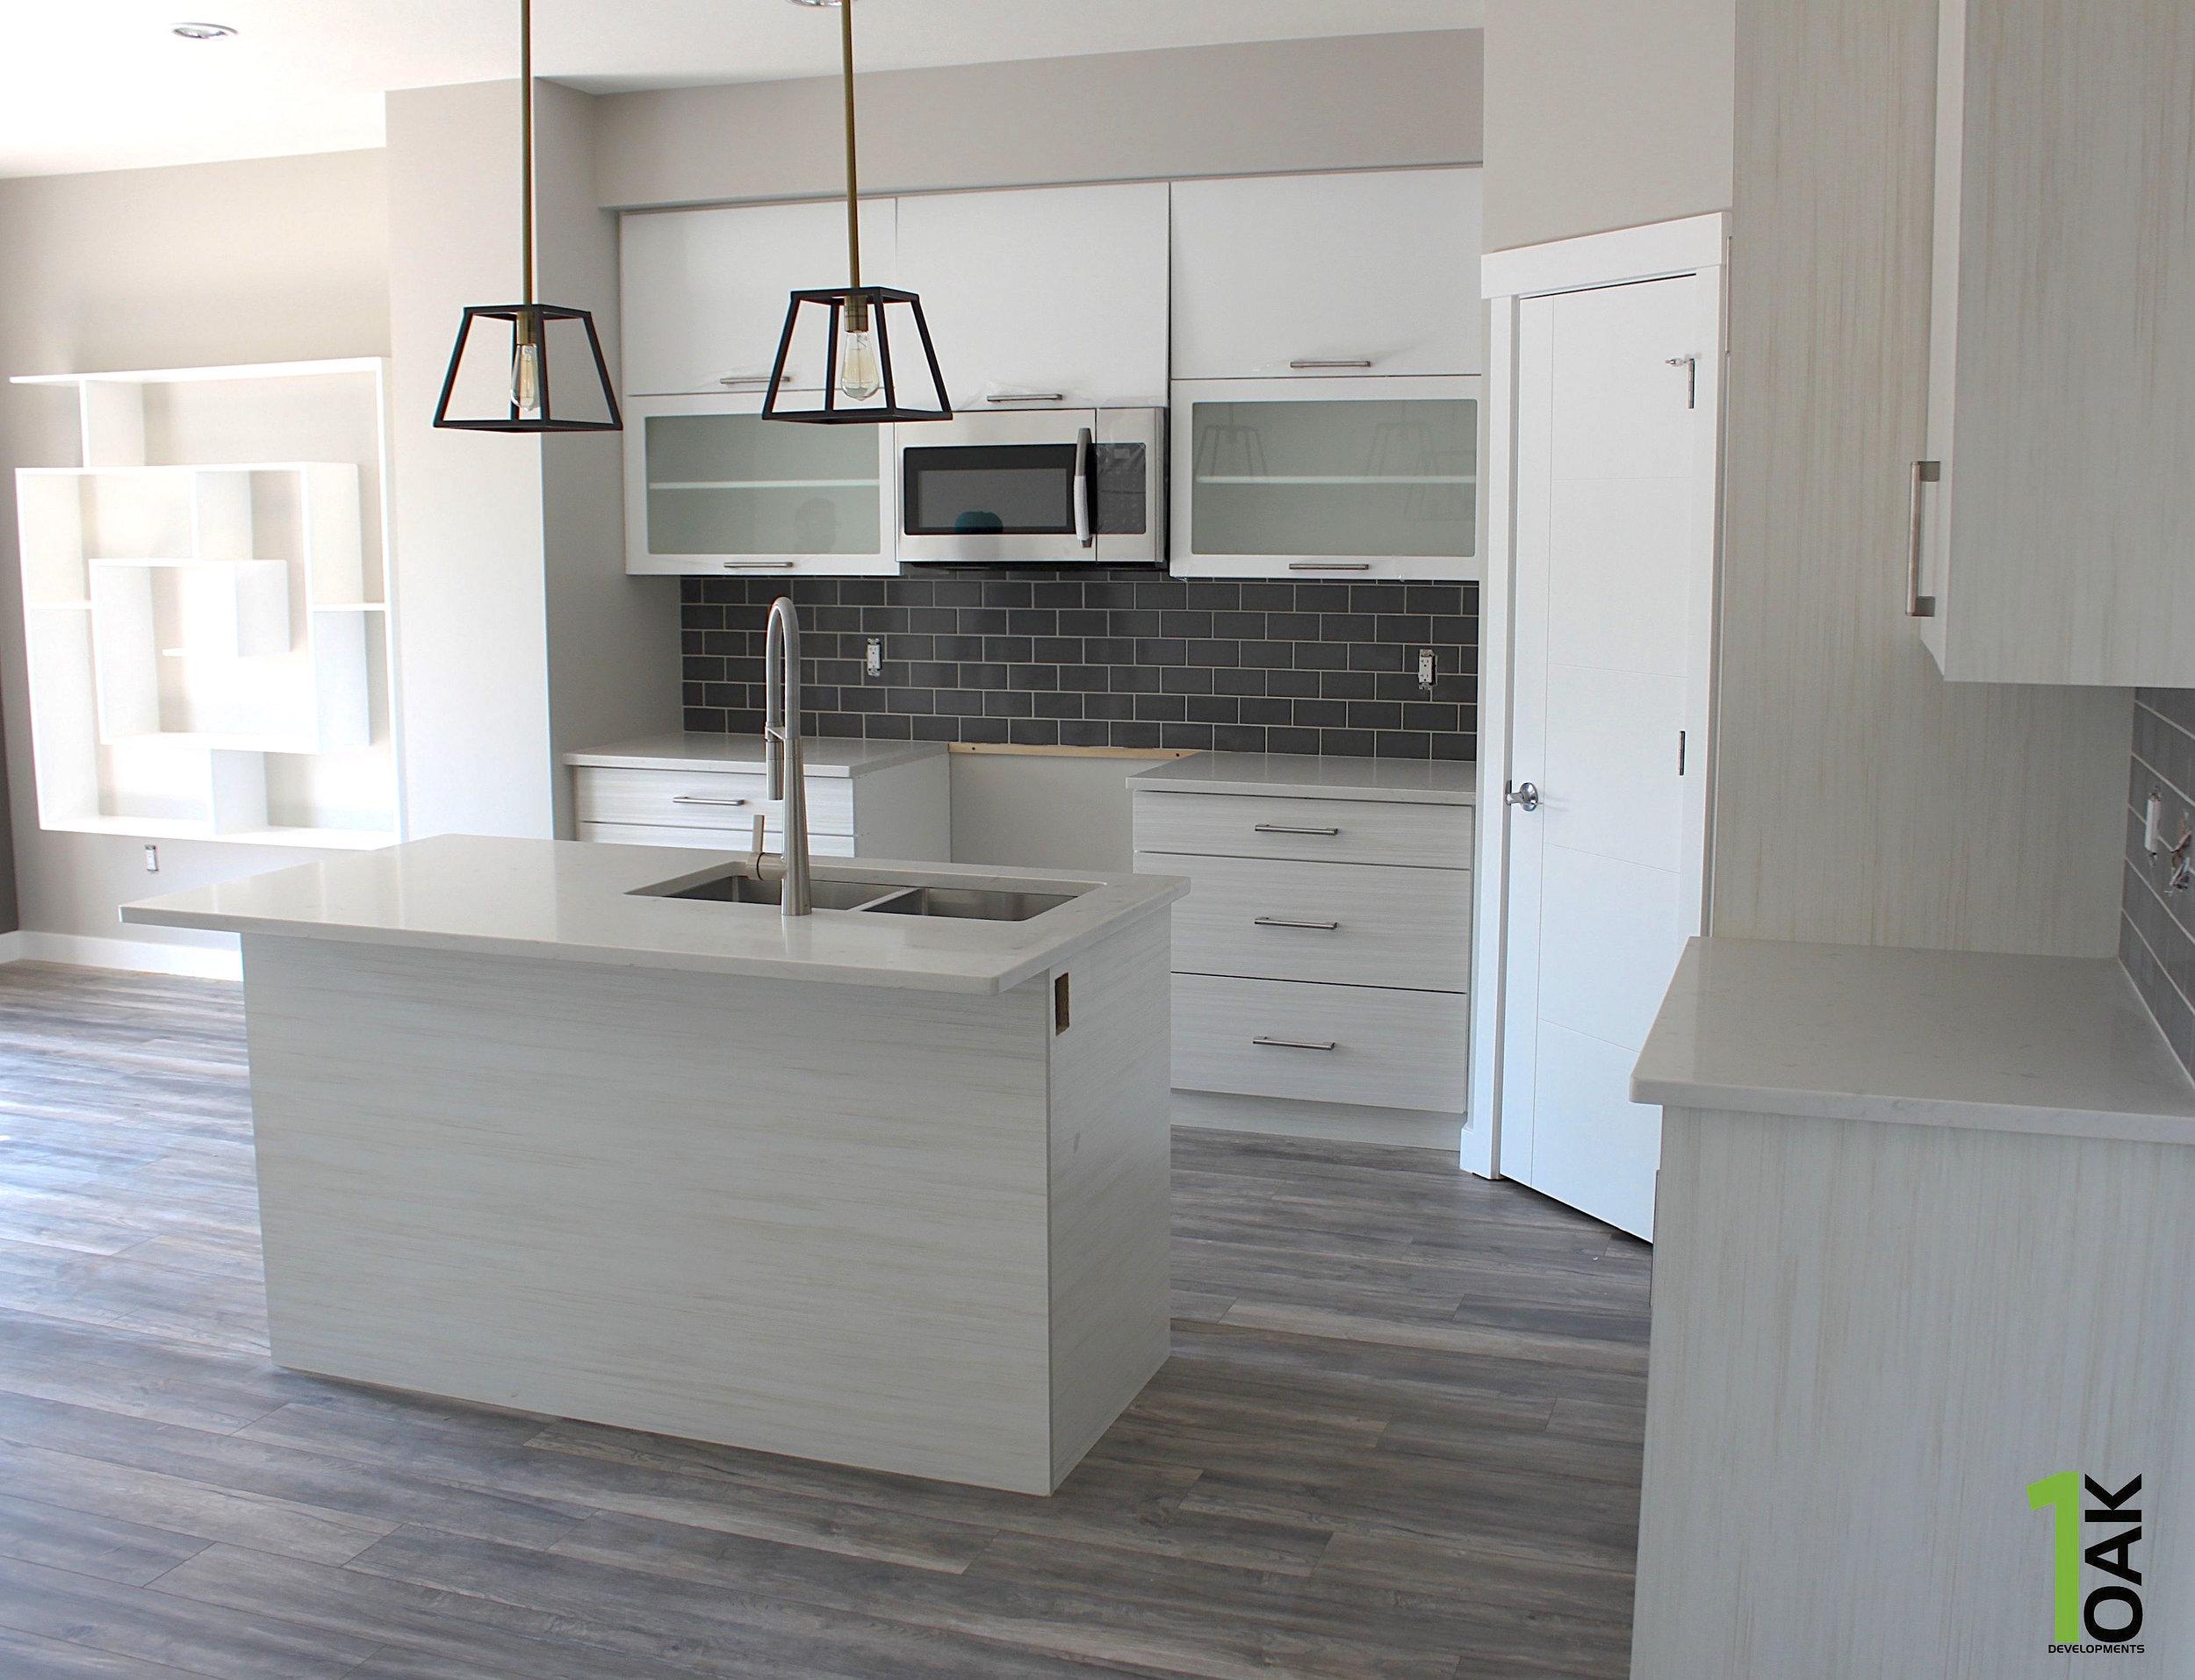 830 kitchen 1.jpg